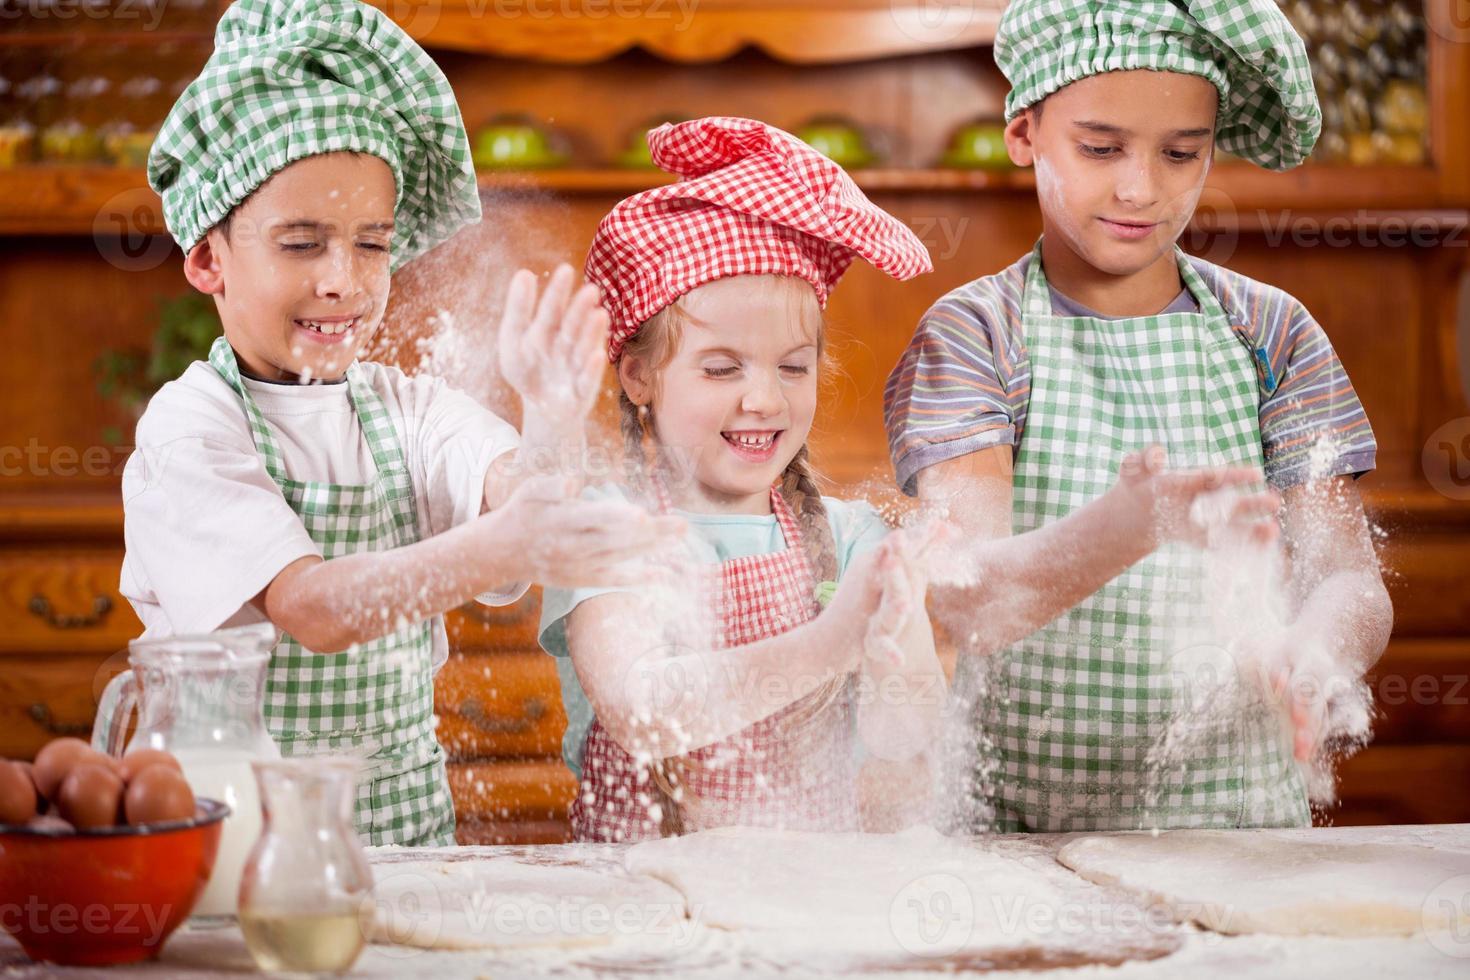 drie grappige jonge kind handen schudden met bloem in de keuken foto